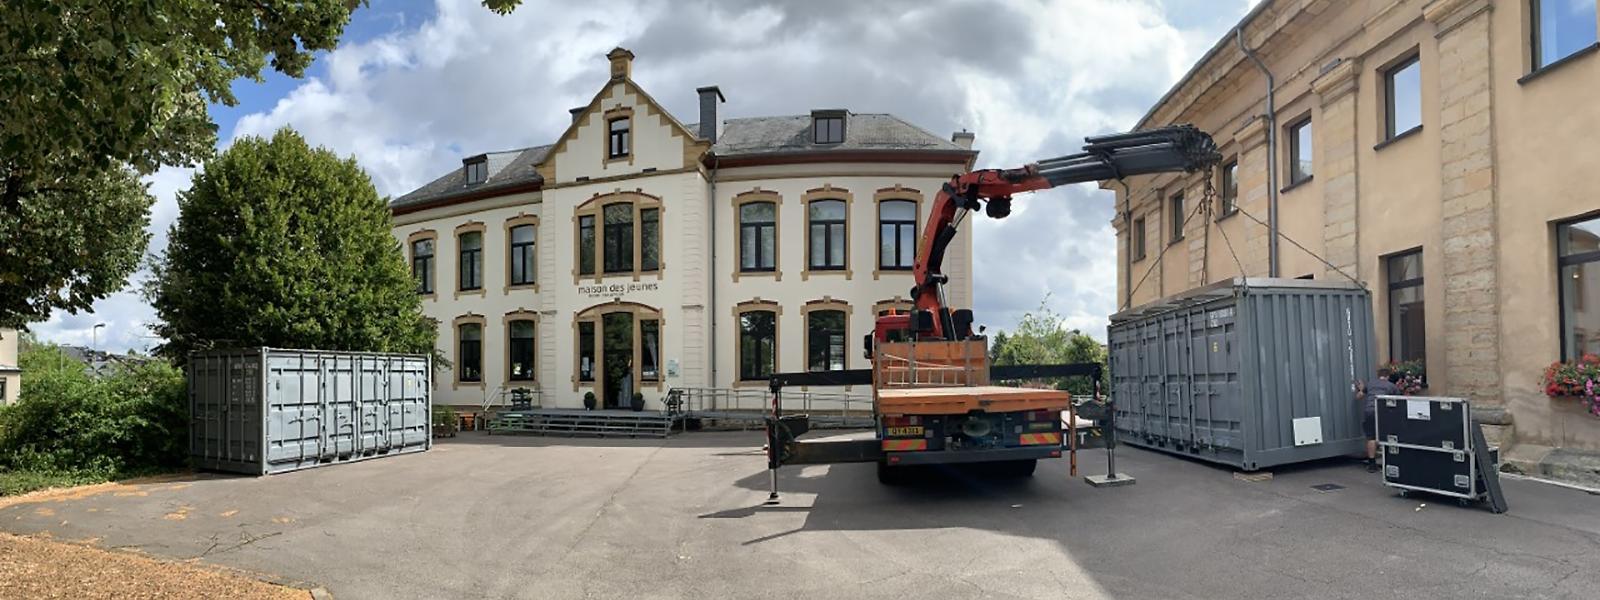 """Im Hof vor dem Jugendhaus in Mamer wird in diesen Tagen ein """"Container-Theater"""" errichtet. """"Bühne frei"""" heißt es ab  dem 2. August."""